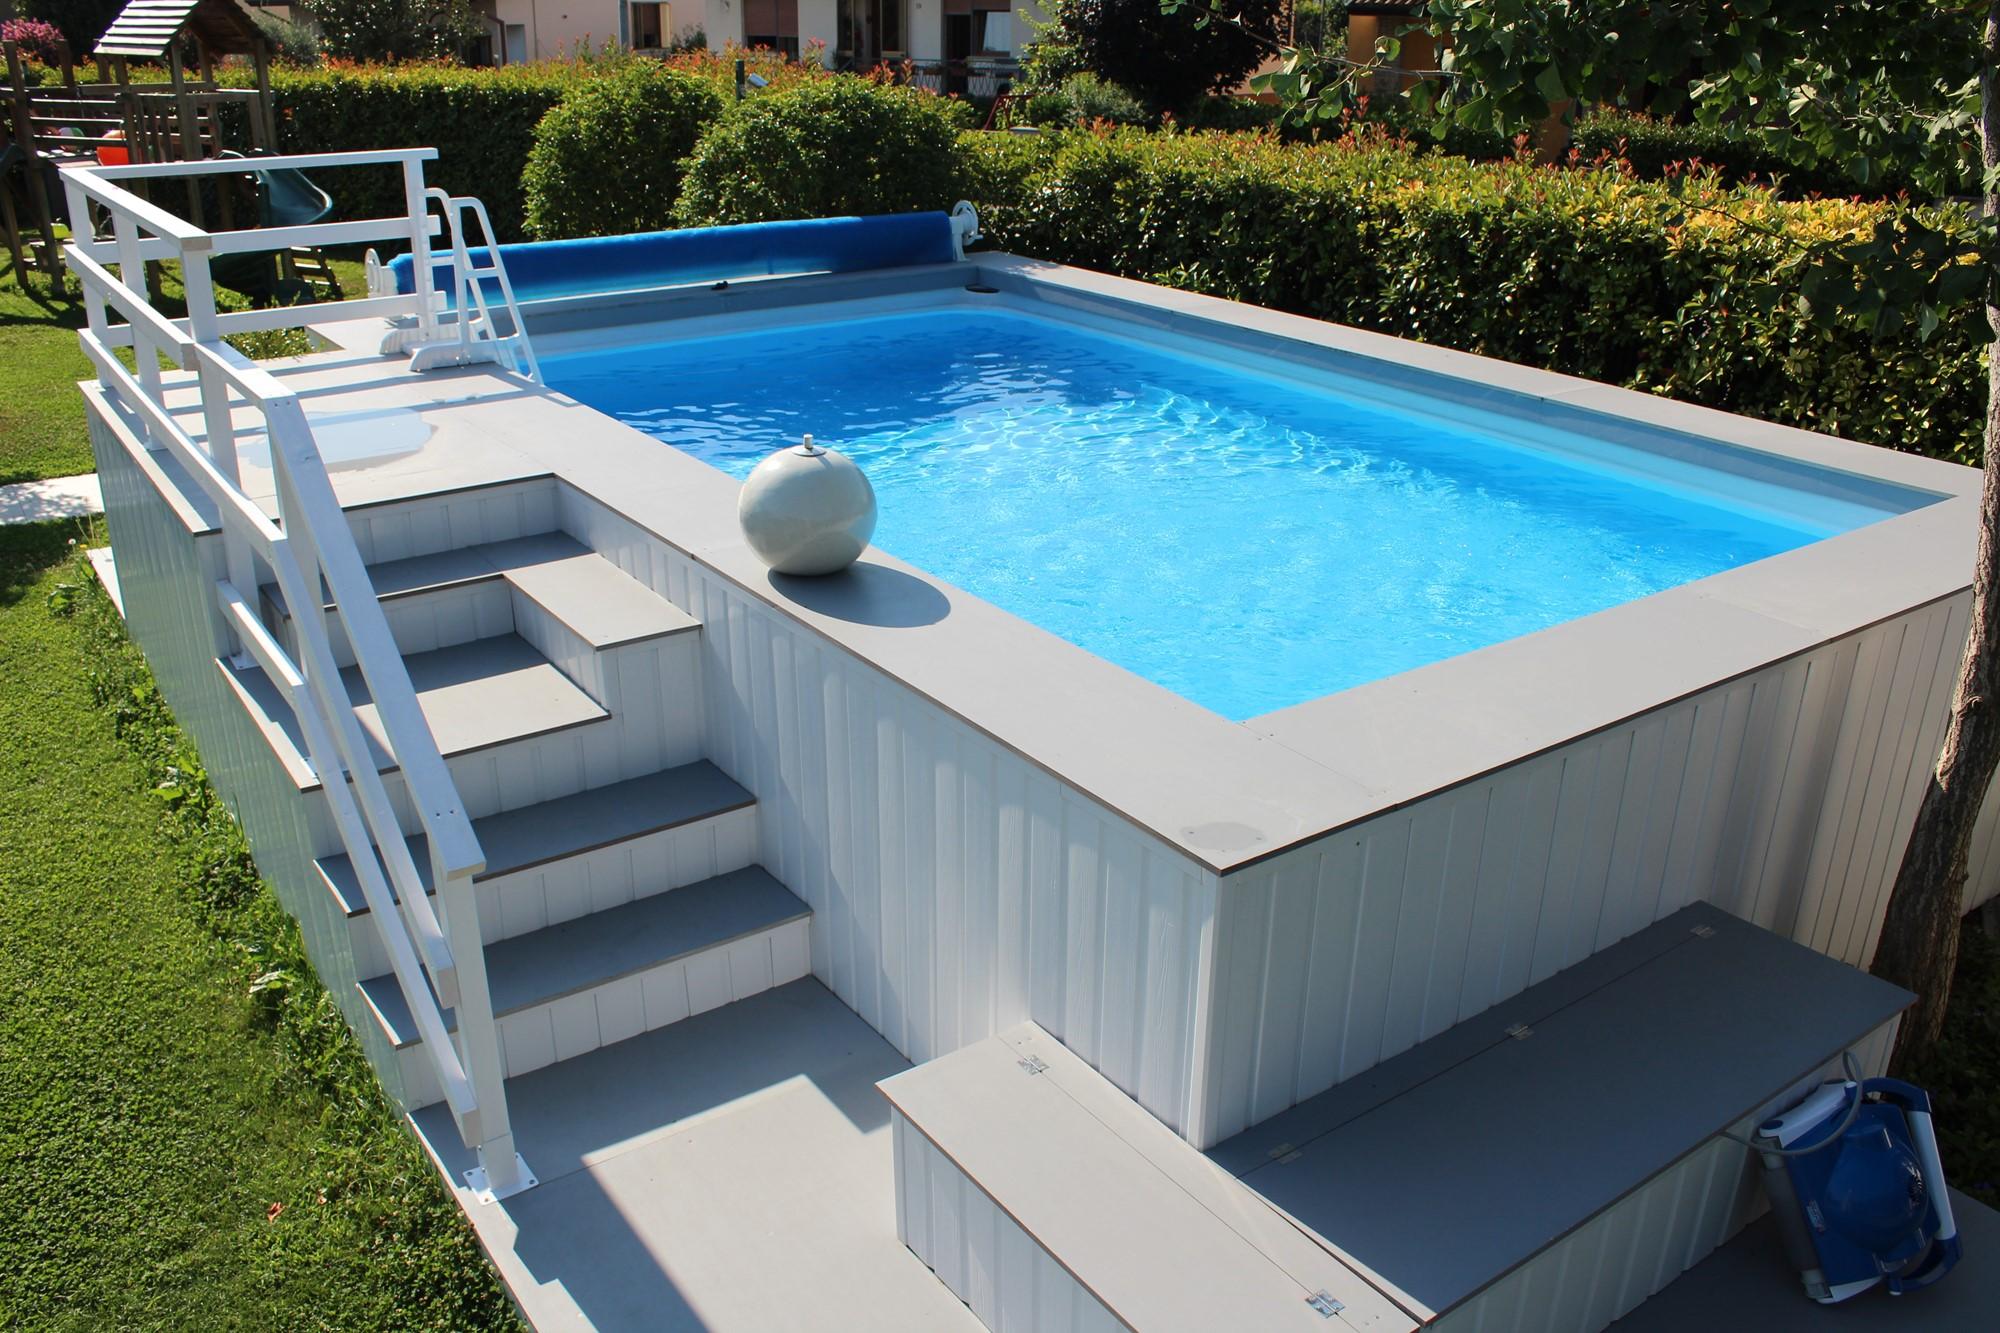 Le 48 pi belle piscine fuori terra rivestite piscine for Piscine fuori terra rivestite